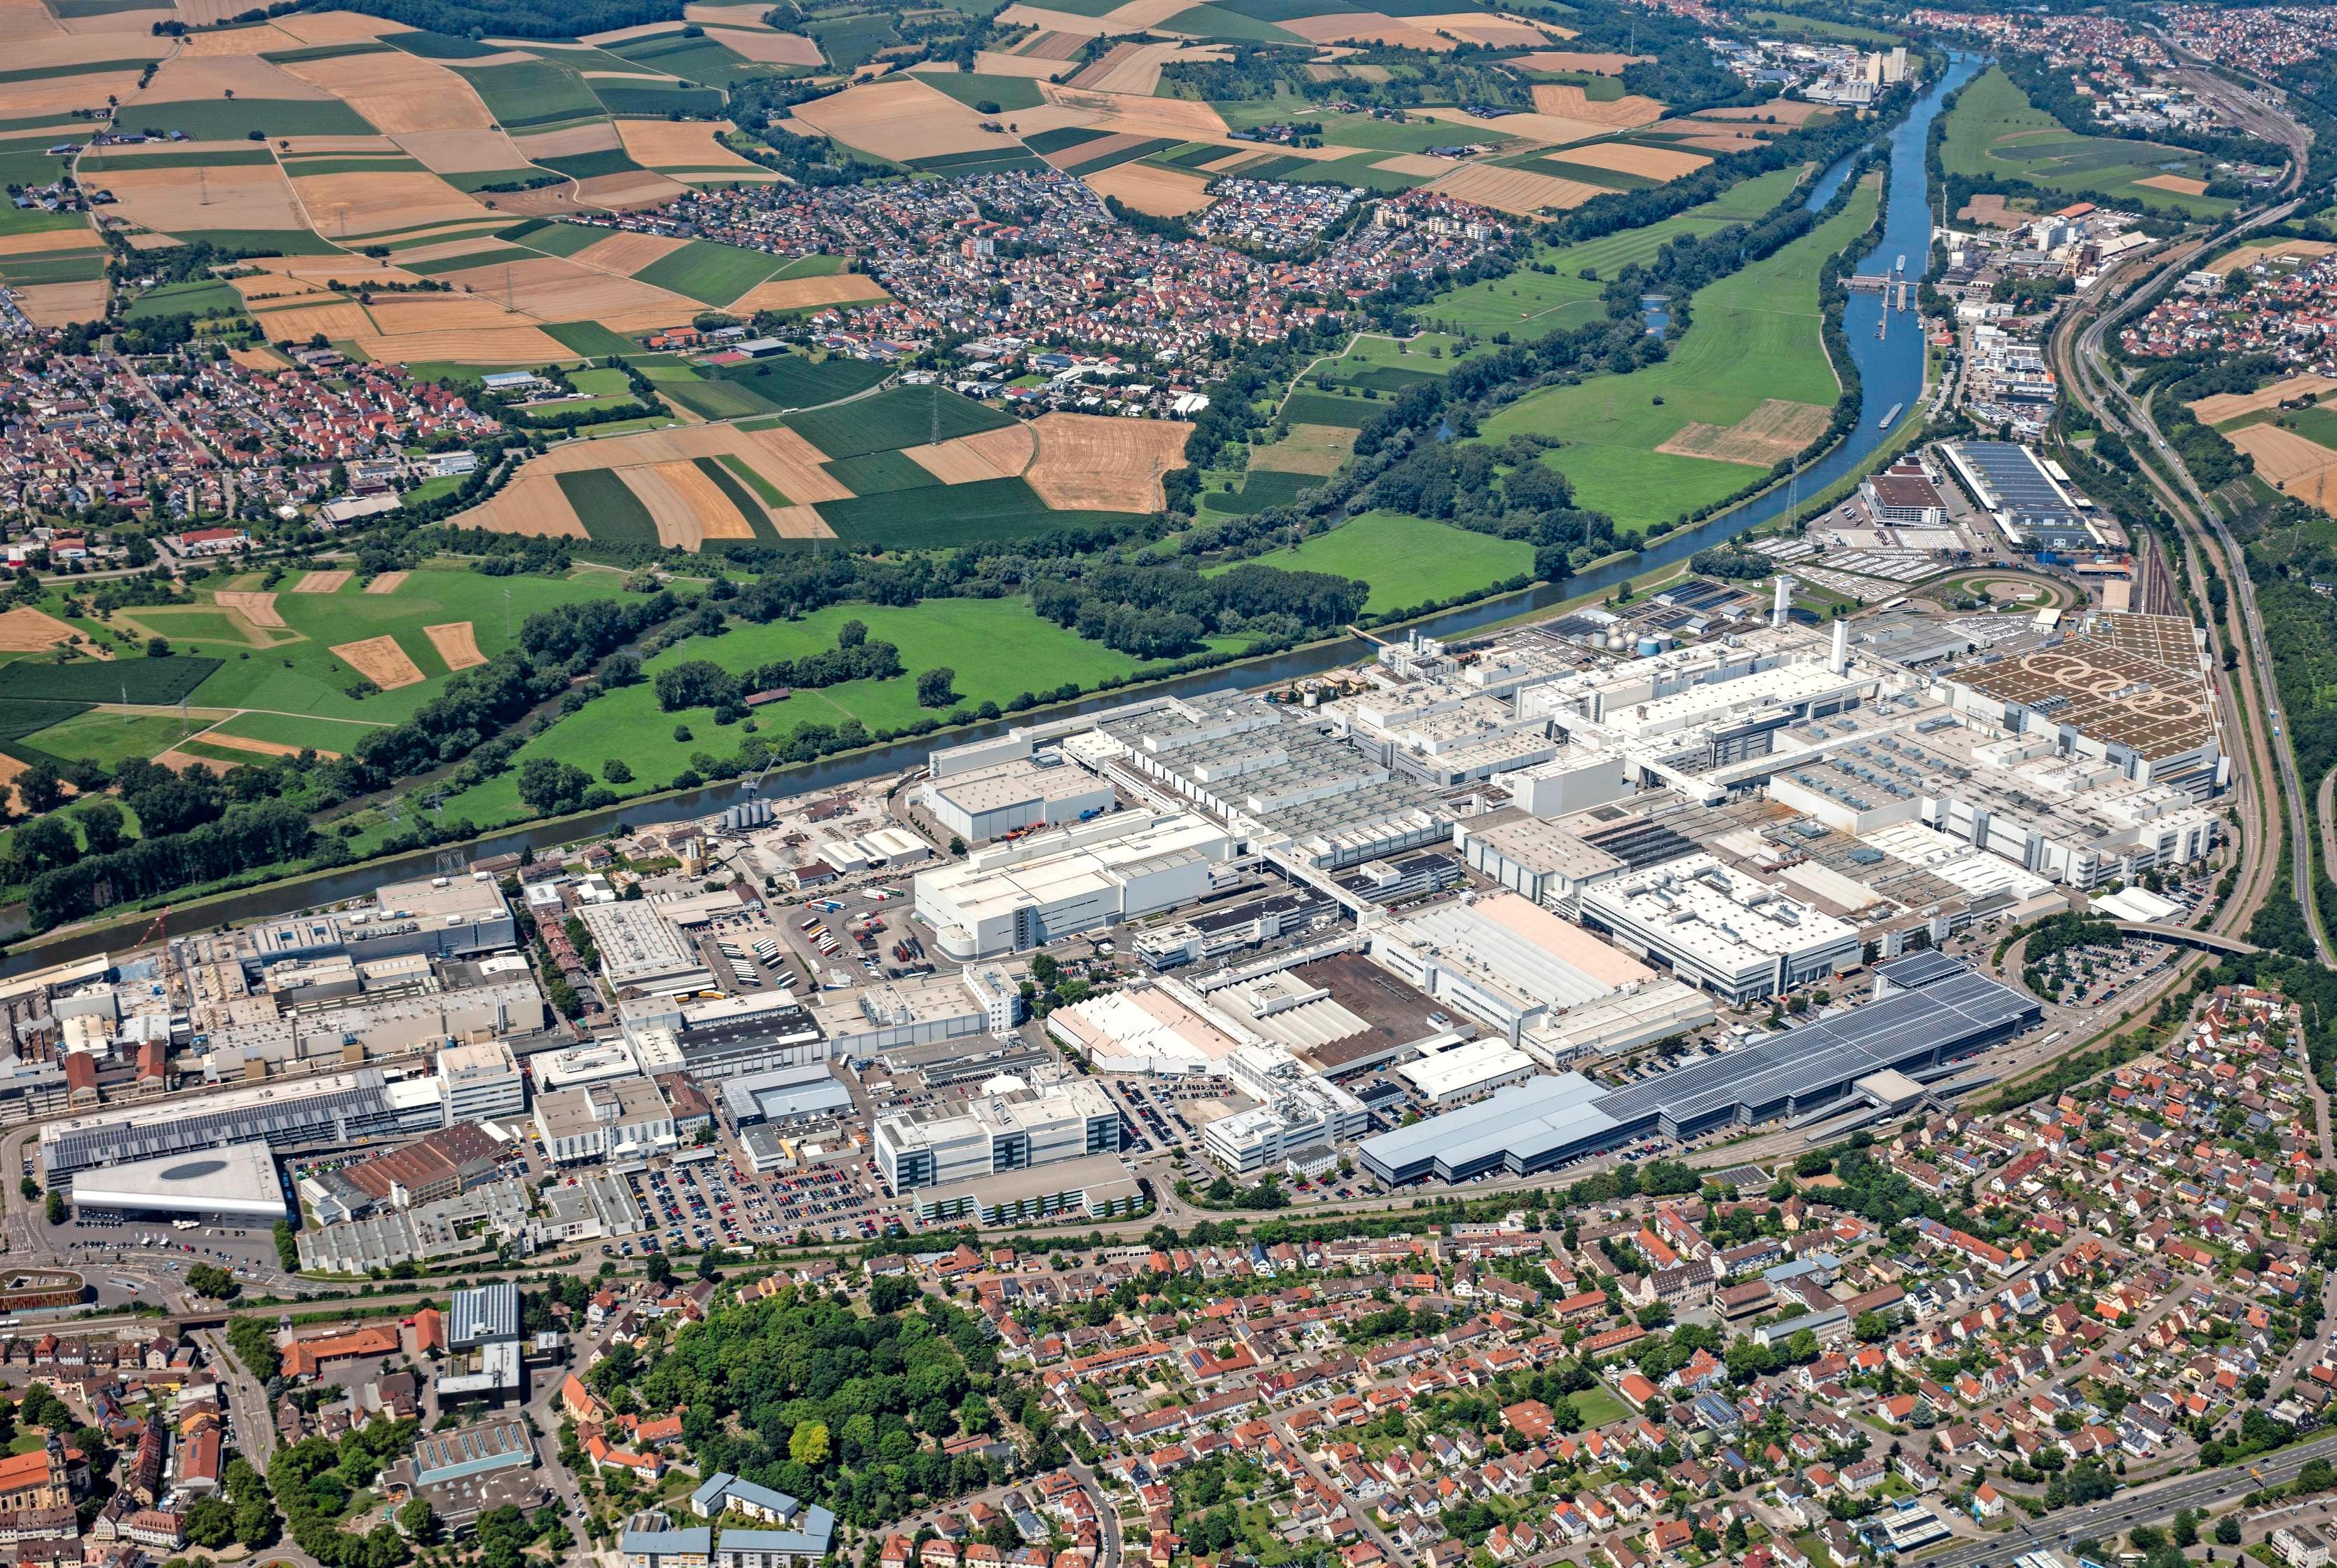 Mit 16 982 Mitarbeitern ist Audi in Neckarsulm nach wie vor der größte Arbeitgeber in der Region. Auf den Autobauer warten in den kommenden Jahren zahlreiche Herausforderungen. Foto: Audi